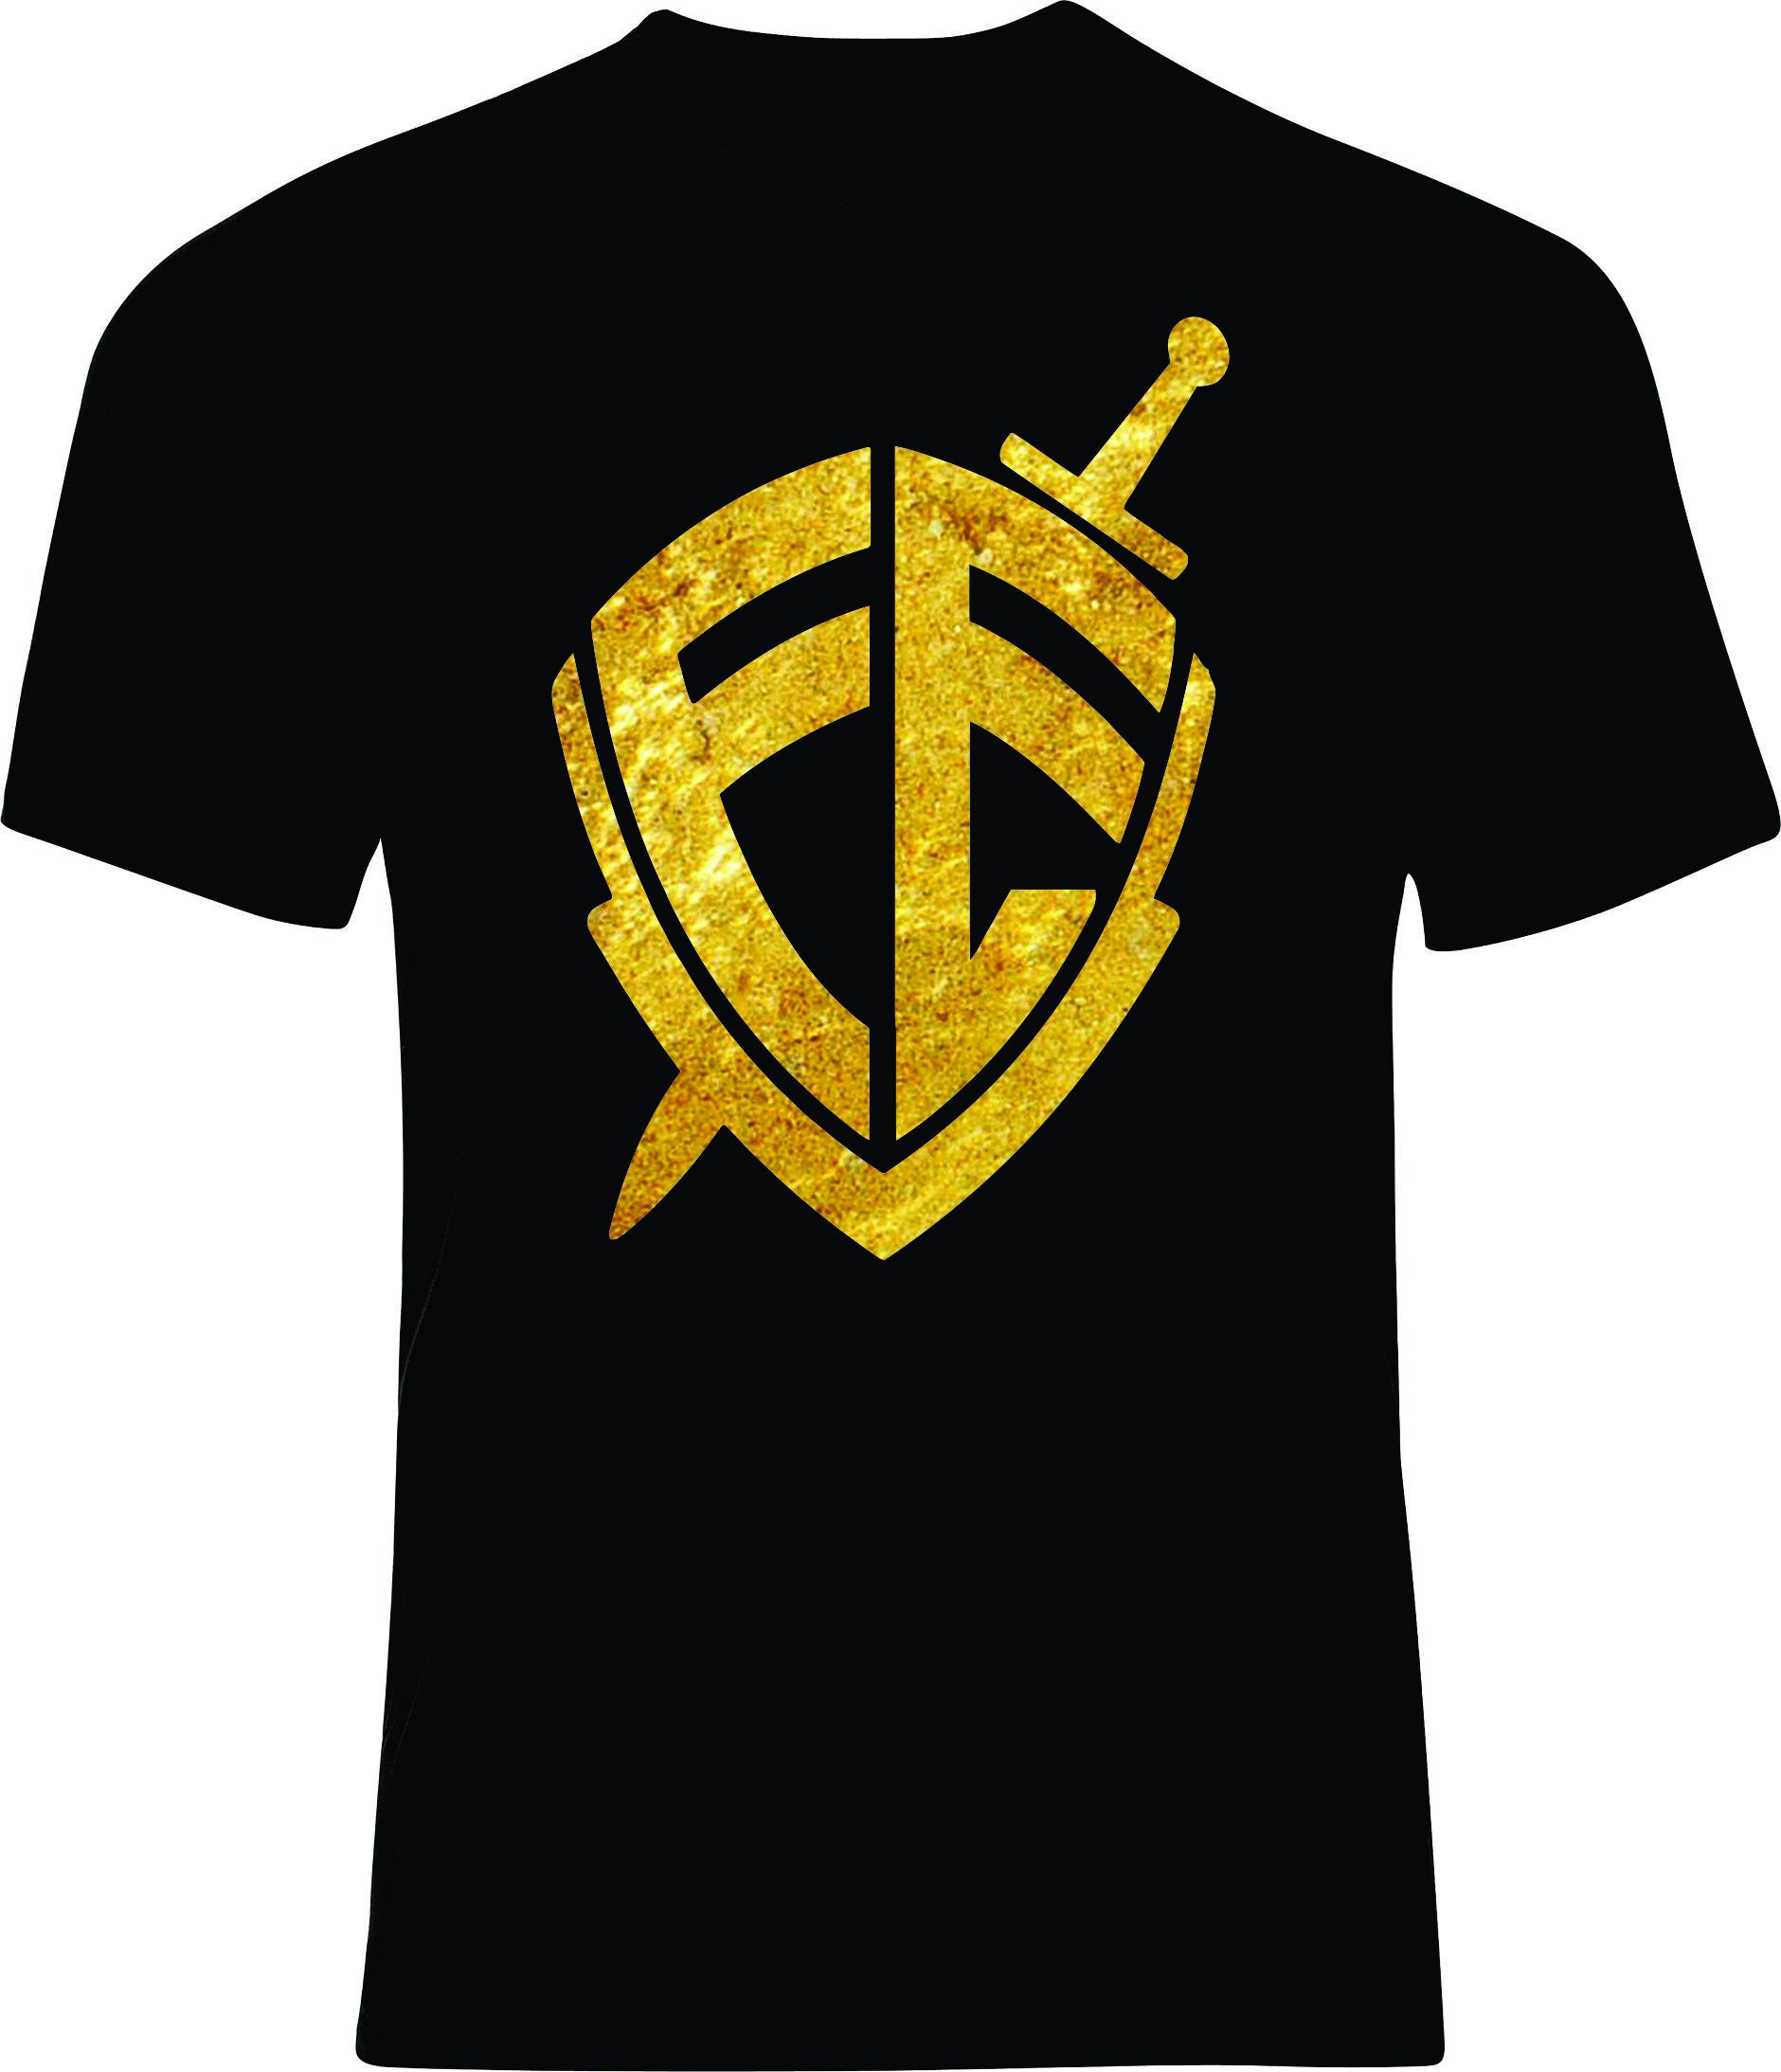 Camisetas Gospel  a8a1e67c0115d